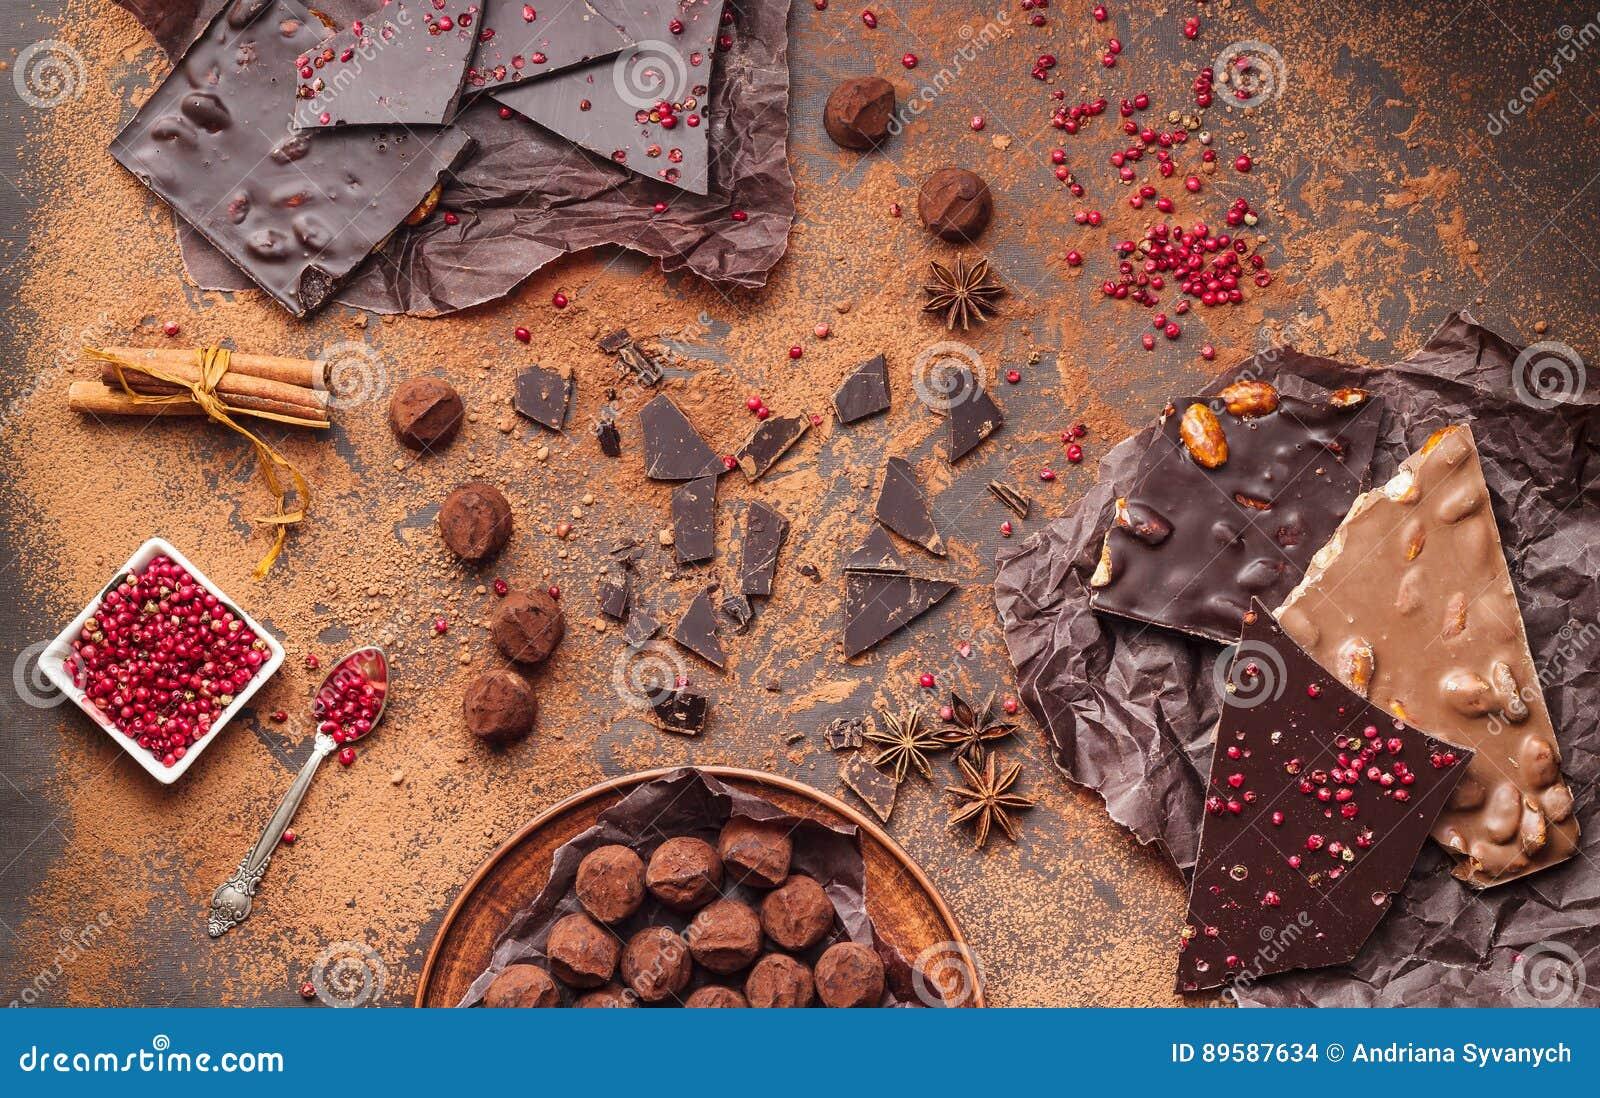 Assortimento delle barre di cioccolato, dei tartufi, delle spezie e del cacao in polvere